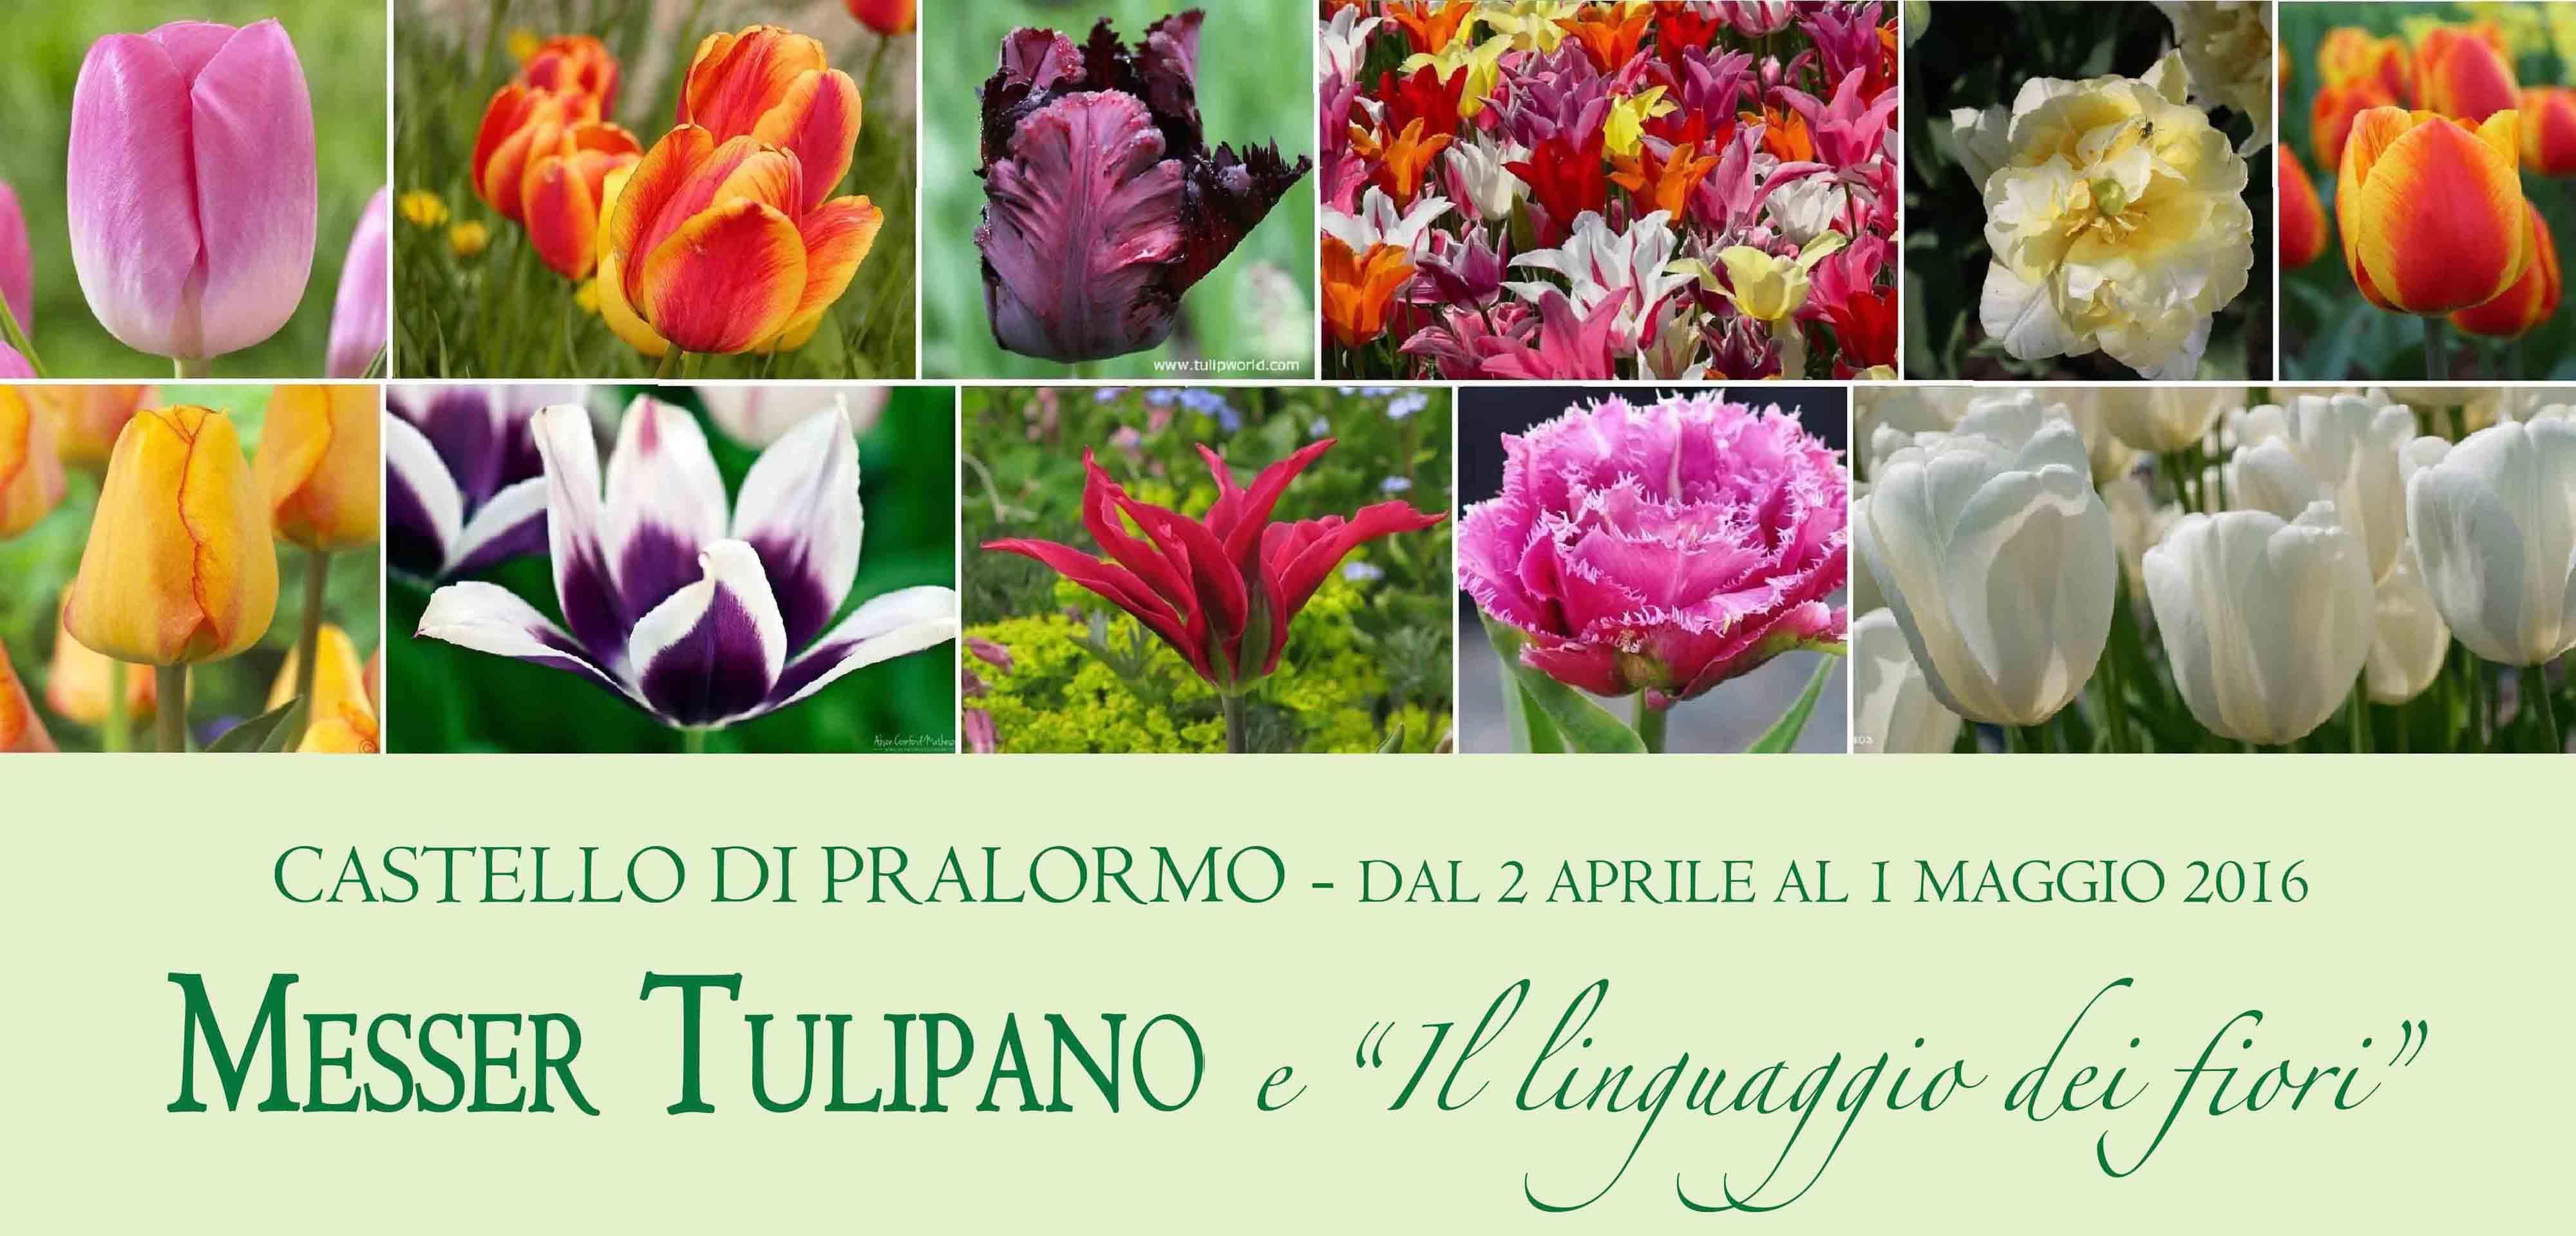 """Pralormo. Dal 2 aprile all'1 maggio torna al Castello l'evento floreale """"Messer Tulipano"""""""